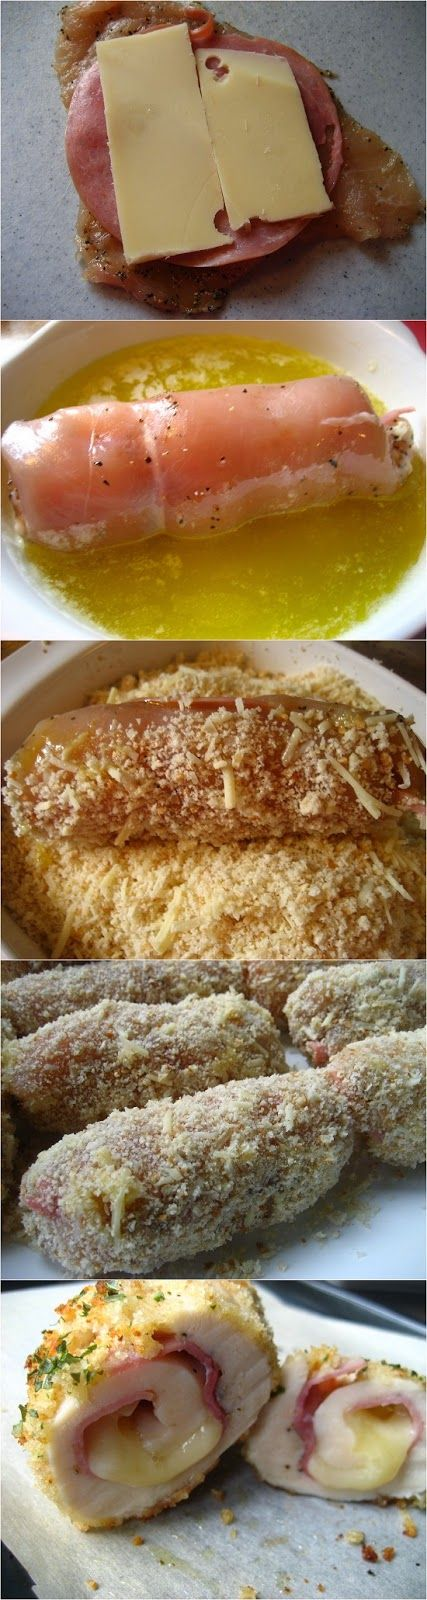 Easy Baked Chicken Cordon Bleu - knowkitchen